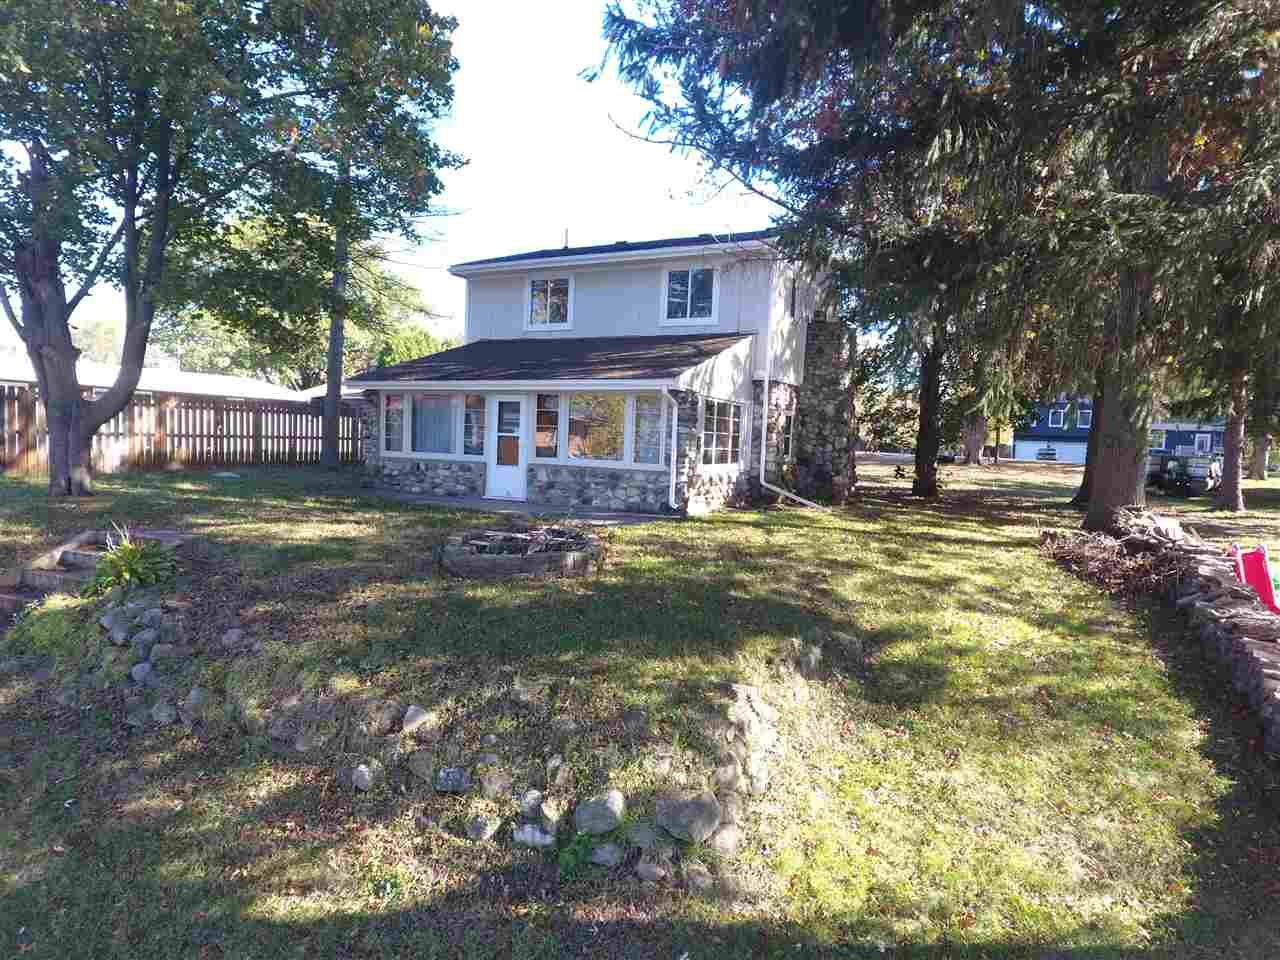 House, 2 Story - MACHESNEY PARK, IL (photo 2)